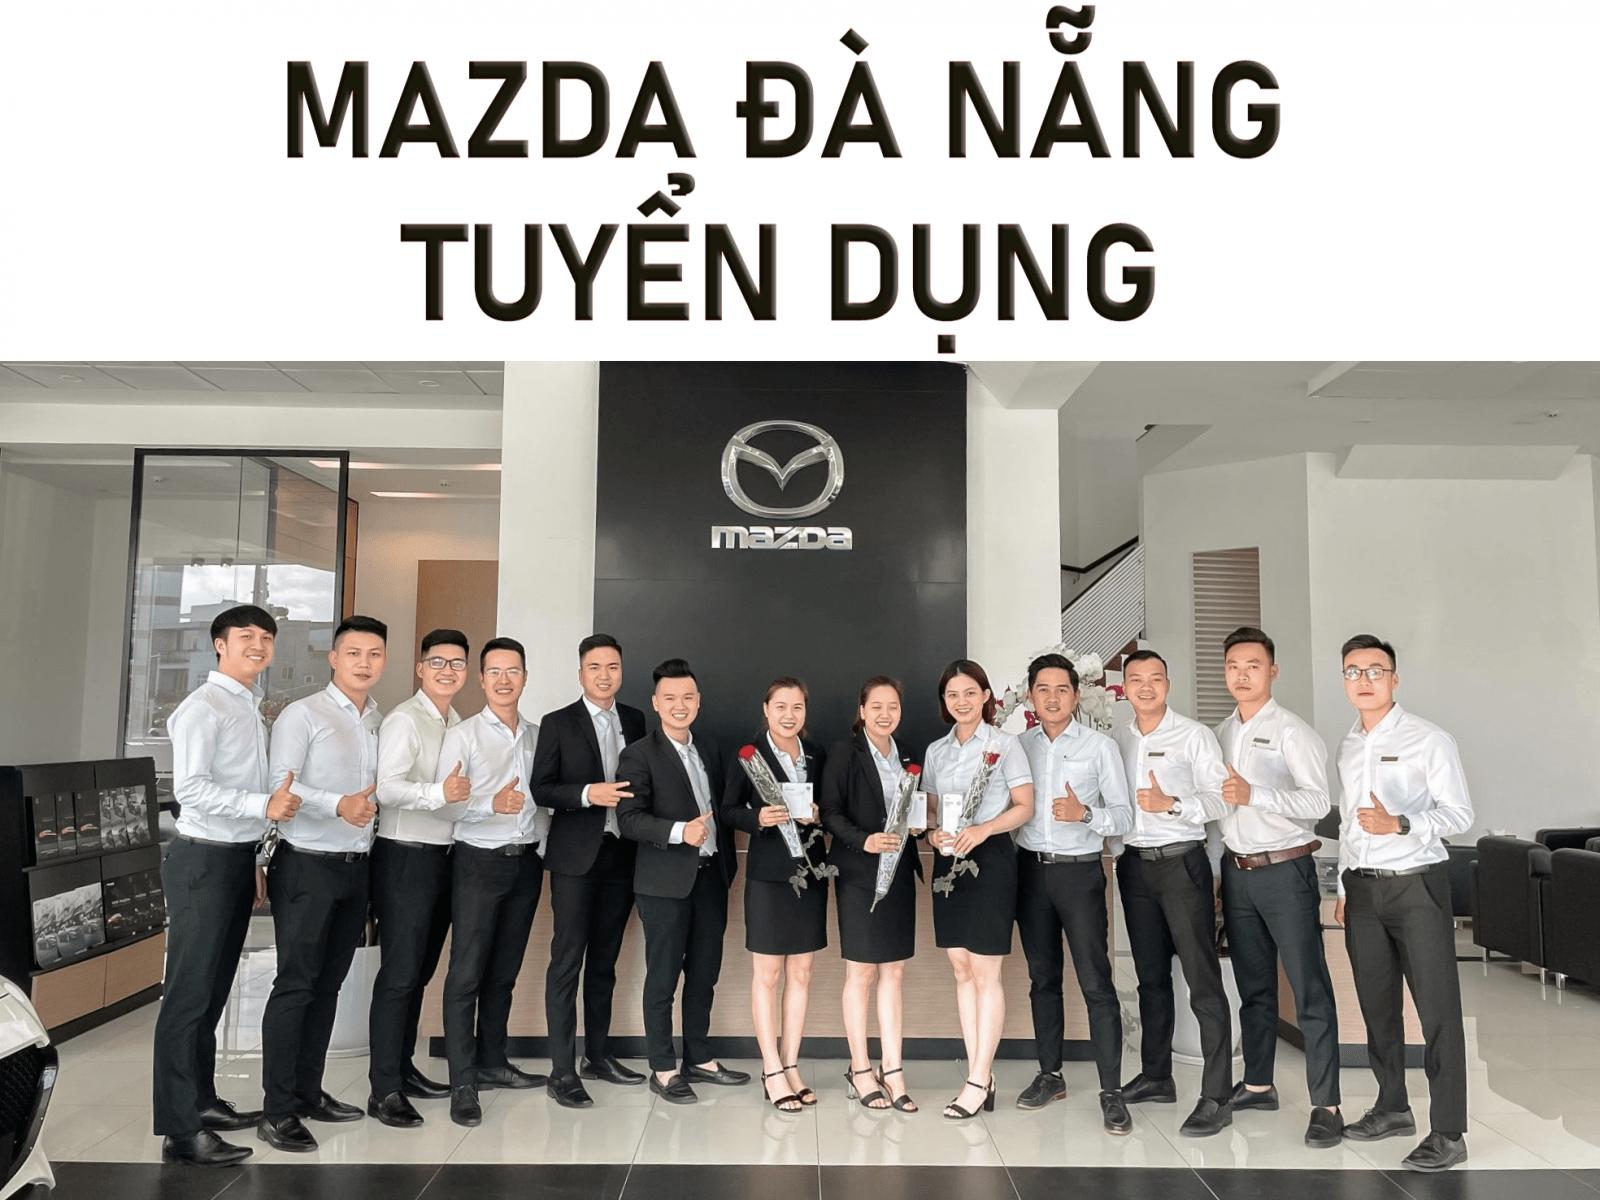 Mazda Đà Nẵng tuyển dụng 2021